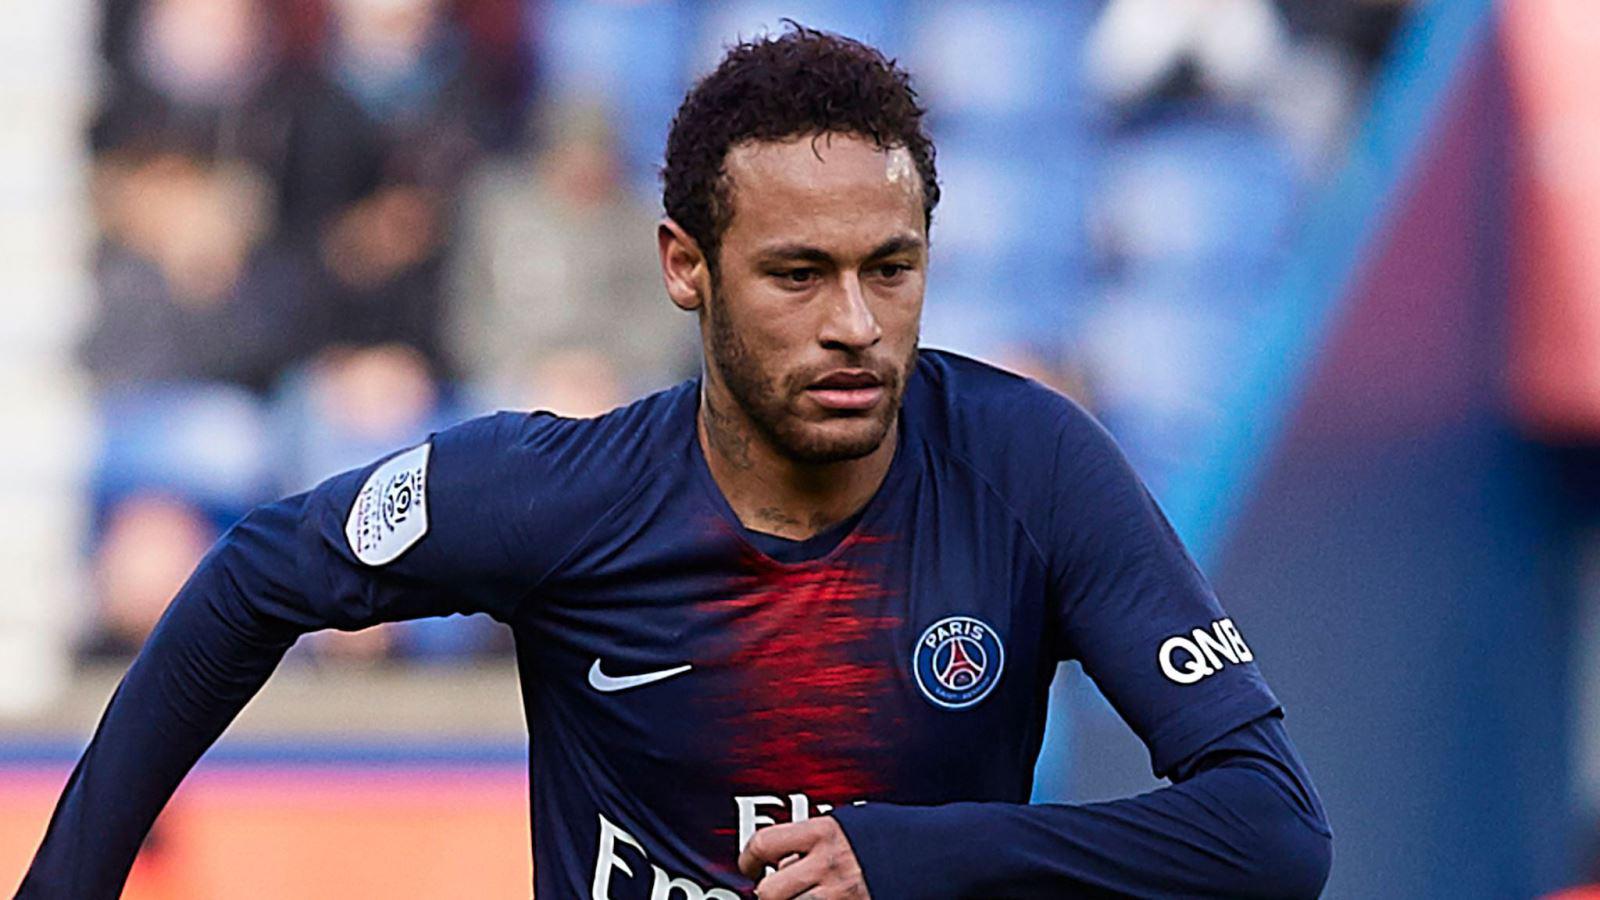 bóng đá, bong da, neymar, chuyển nhượng, barcelona, chuyển nhượng barca, chuyển nhượng neymar, tin chuyển nhượng, ttcn, barca, lịch thi đấu bóng đá